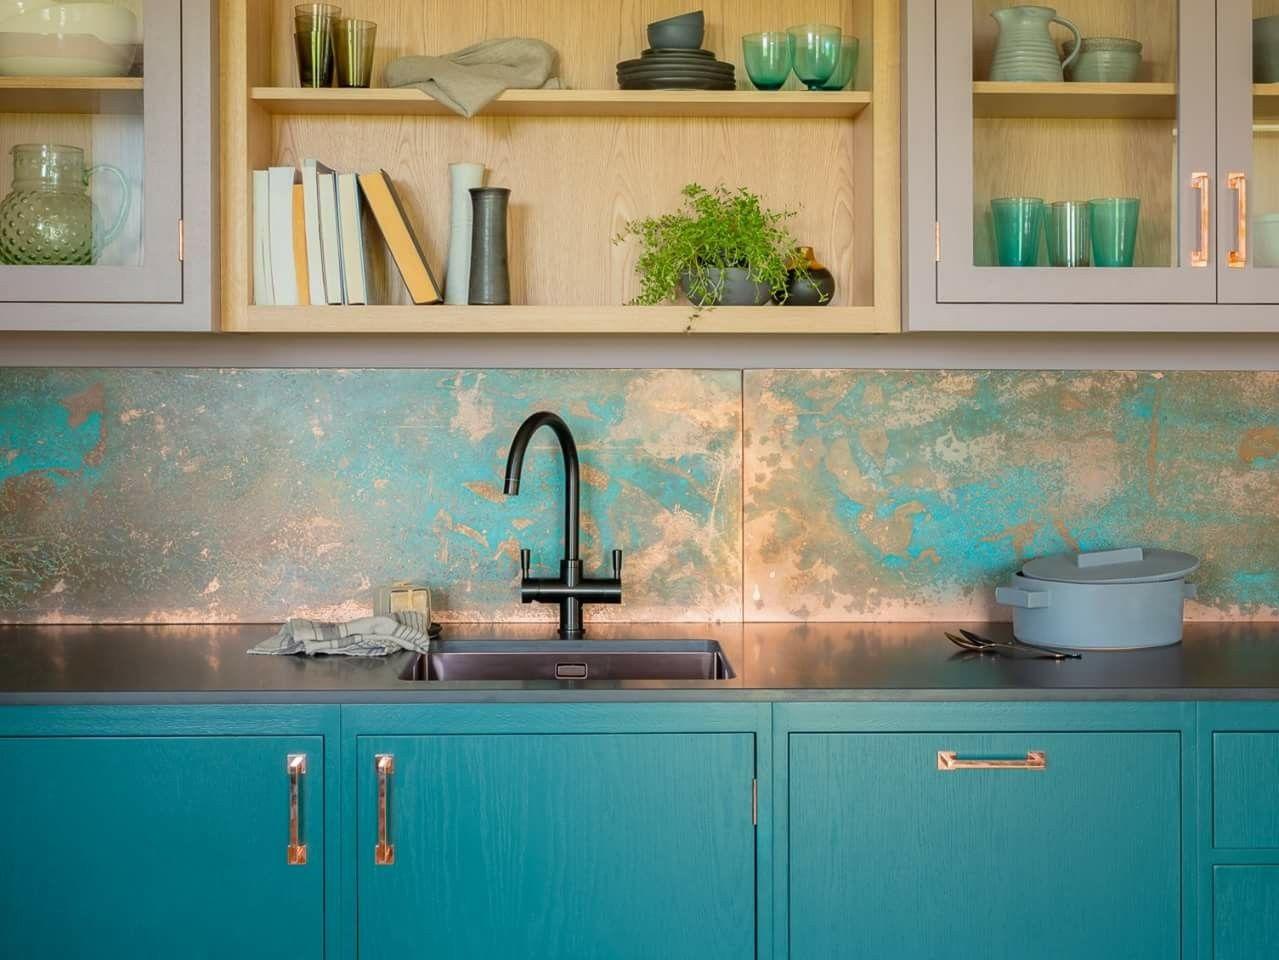 copper splashack latest kitchen designs kitchen design color kitchen design trends on kitchen decor trends id=98844